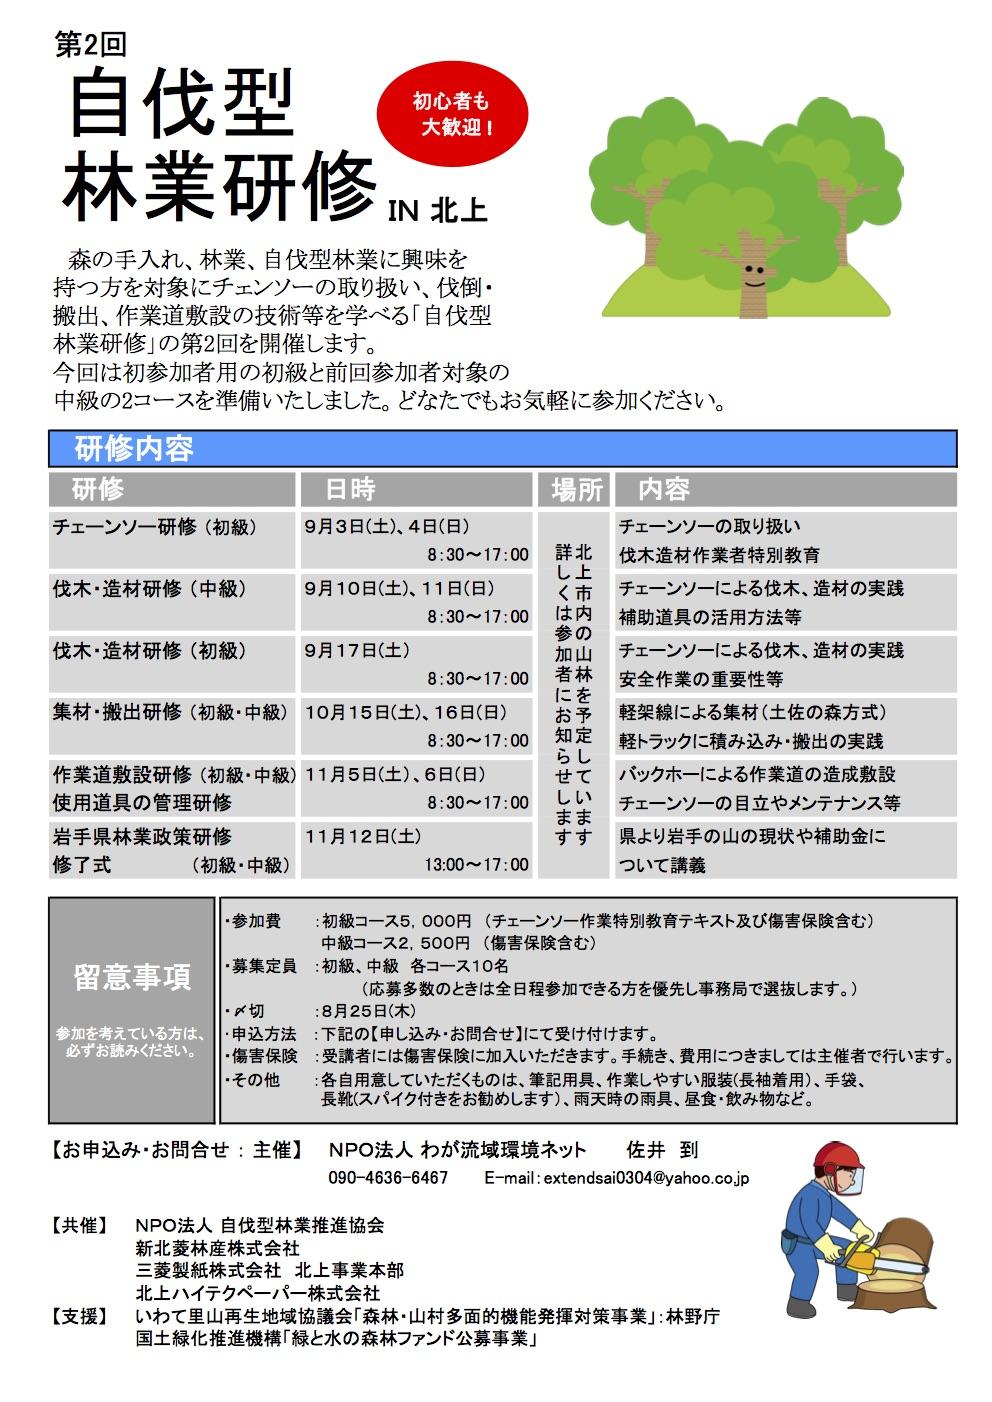 9月から東北・北上で自伐型林業研修開催